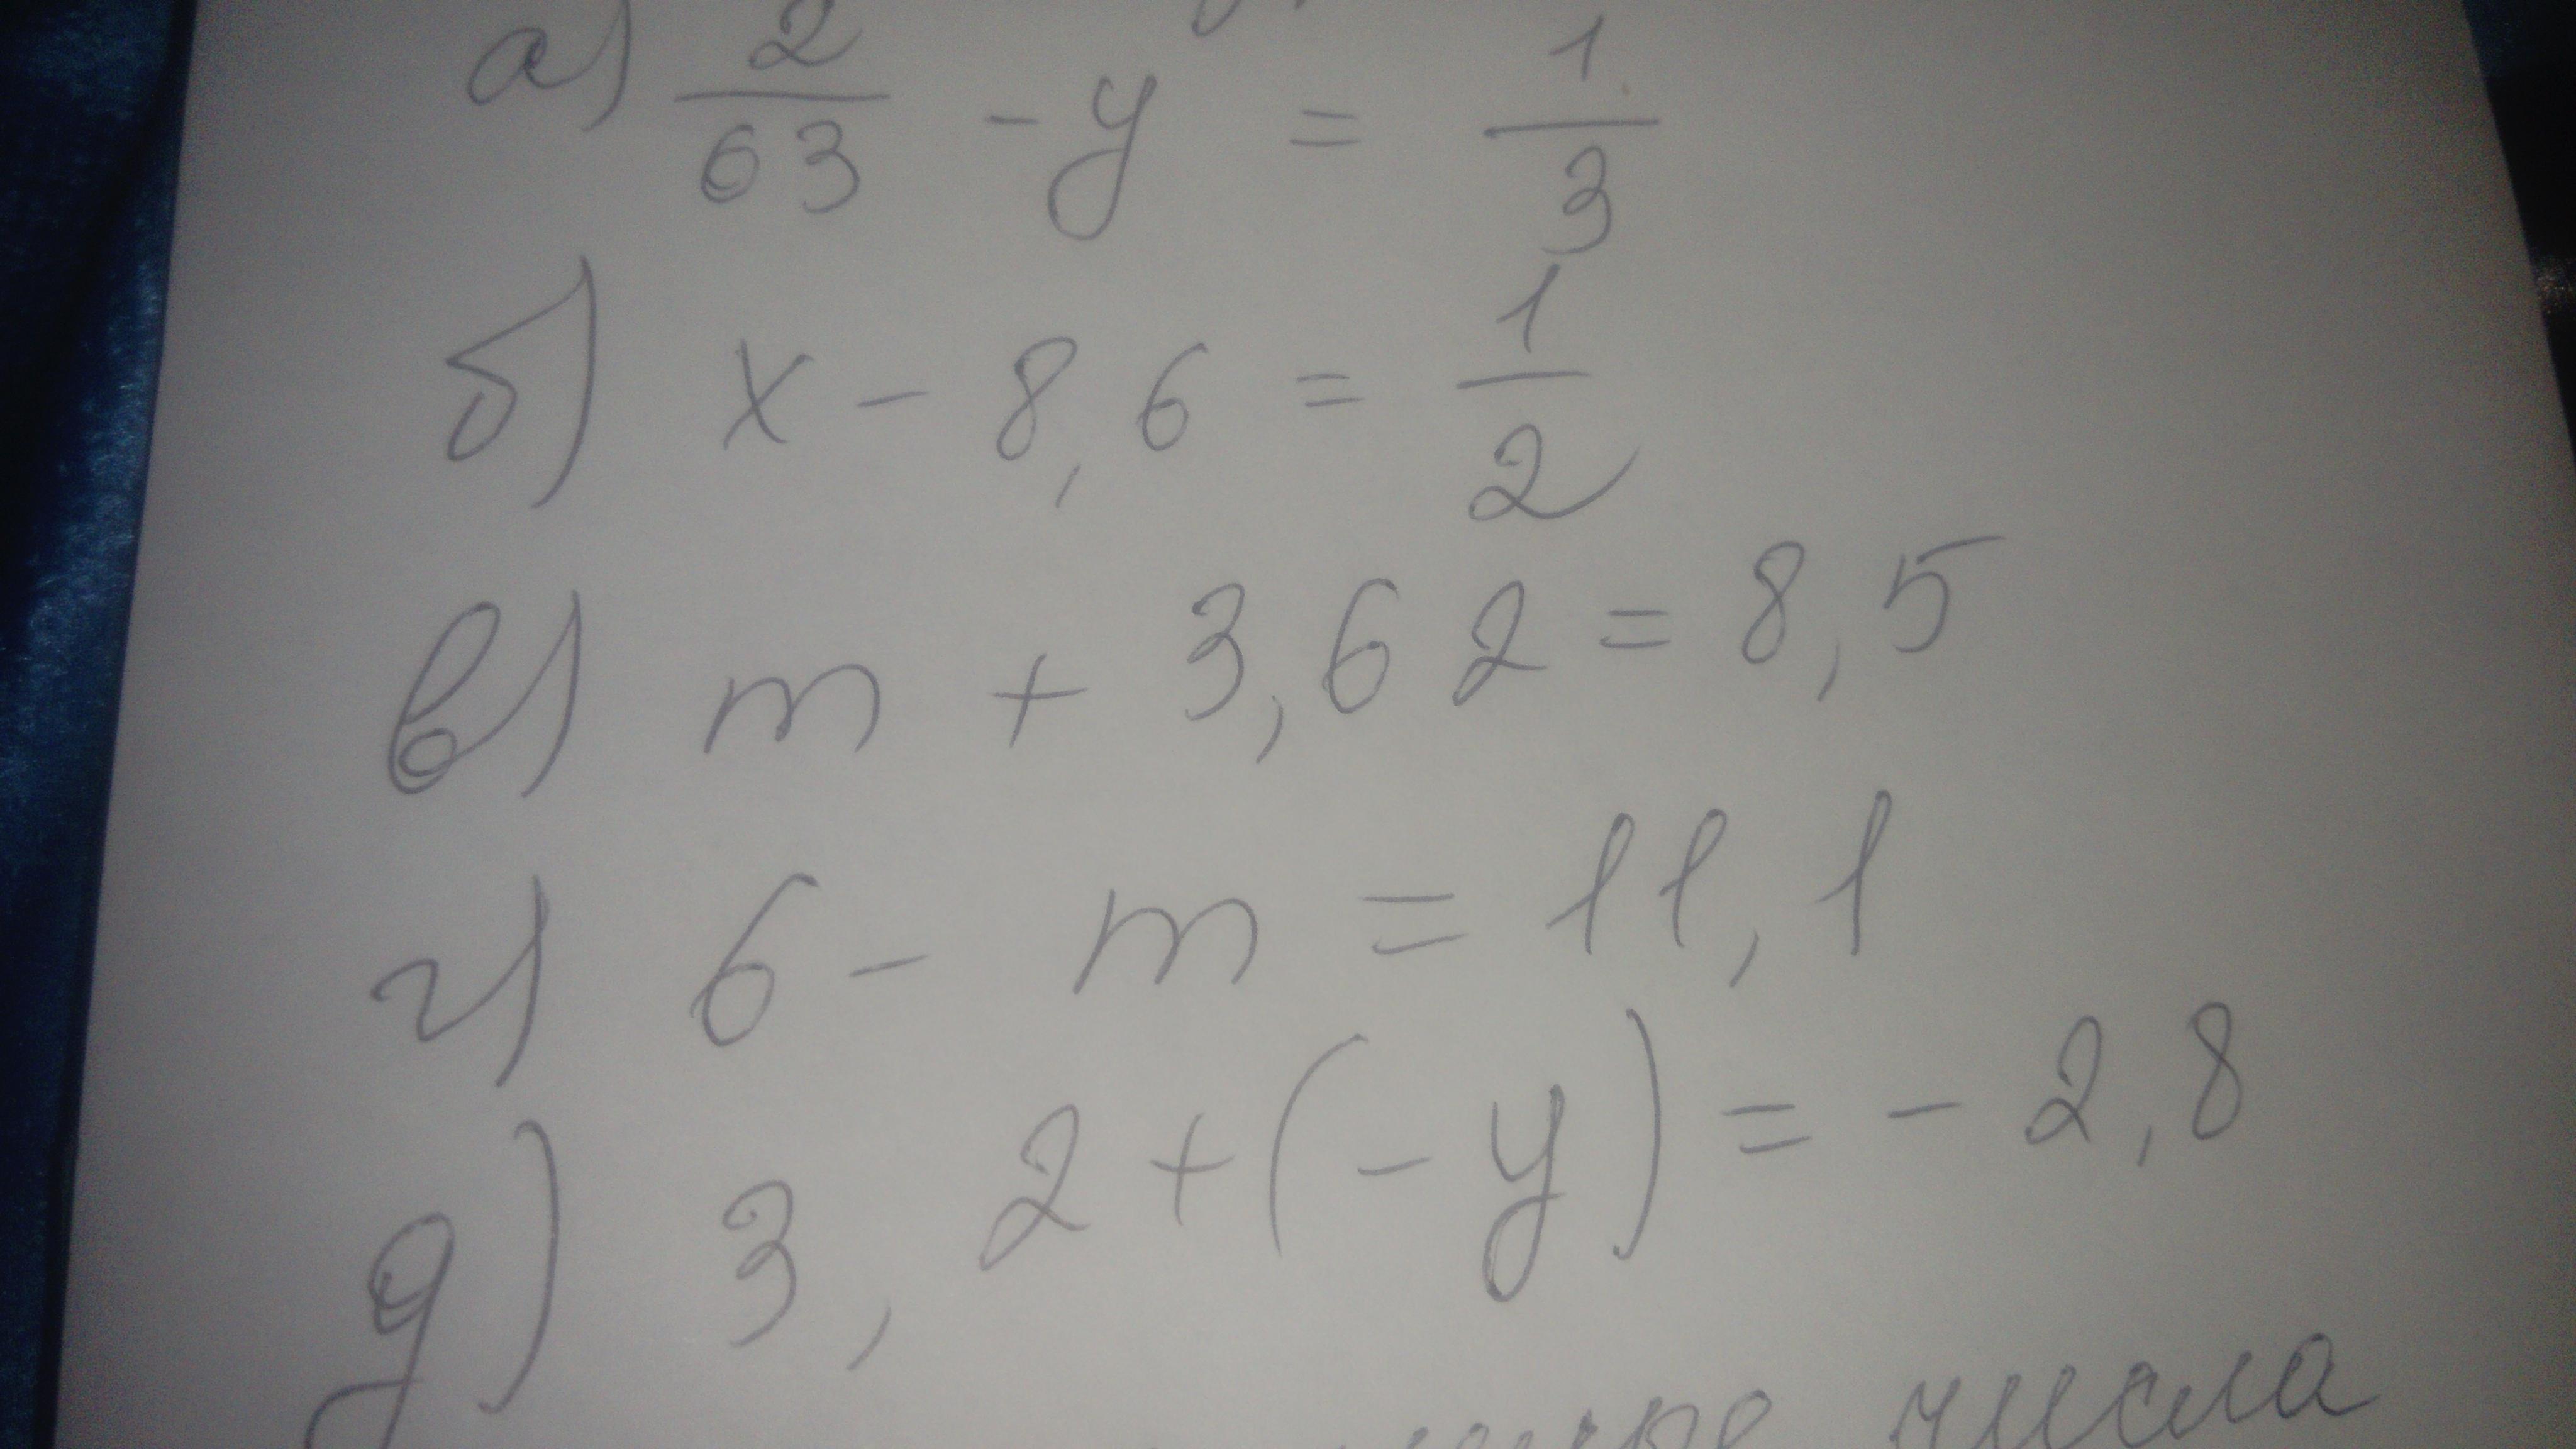 Решите уравнения срочно! Даю 30 баллов